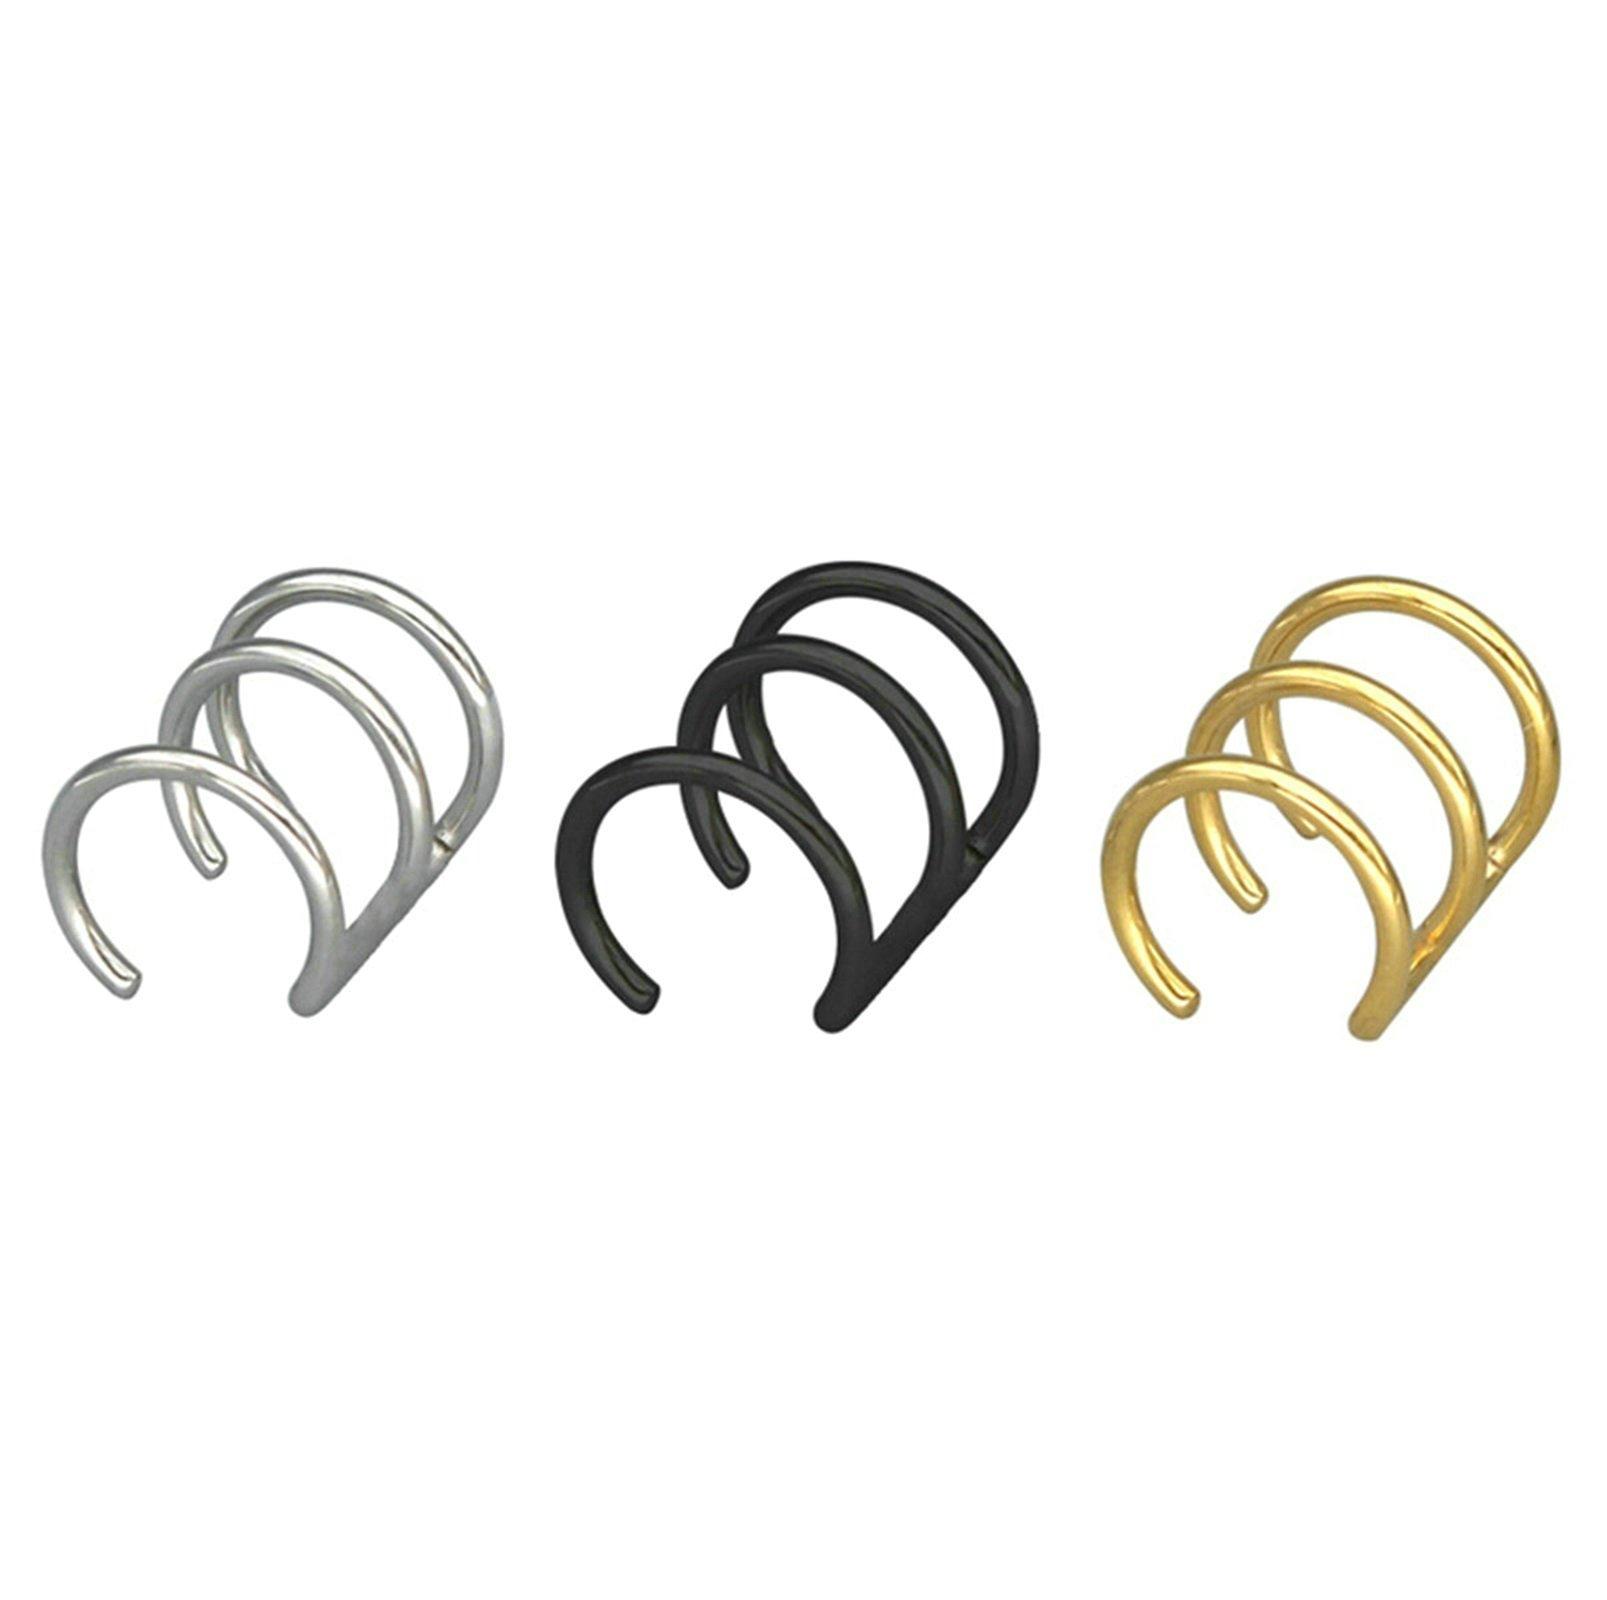 Aooaz 3Pcs Stainless Steel Ear Cuff Ear Stud for Men Women 3 Colors No Piercing